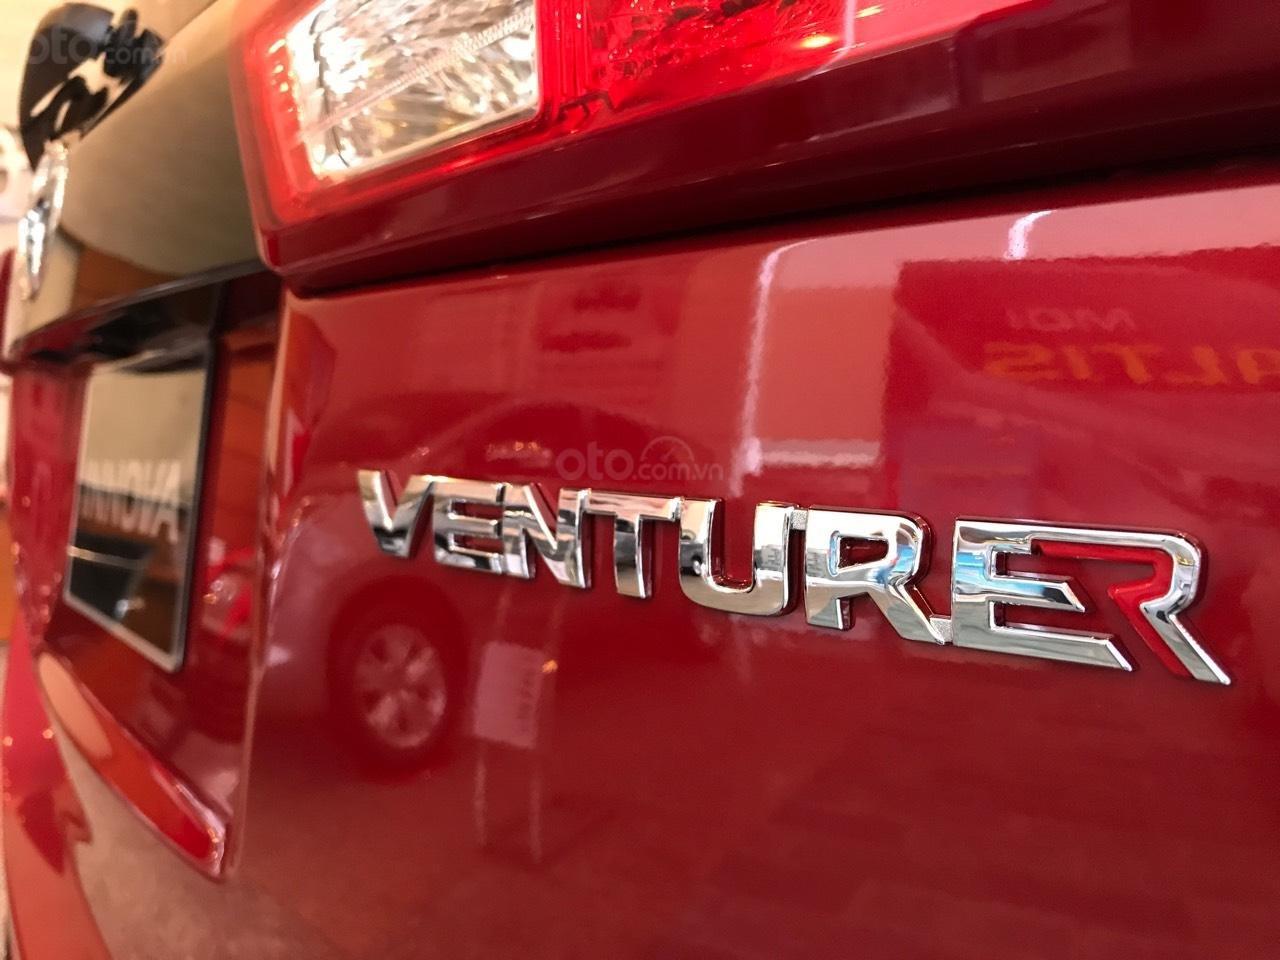 """Toyota Tân Cảng- Ưu đãi xe Innova 2.0 Venturer """"Duy nhất trong tuần giảm 30tr tiền mặt, tặng thêm phụ kiện""""-0933000600-2"""